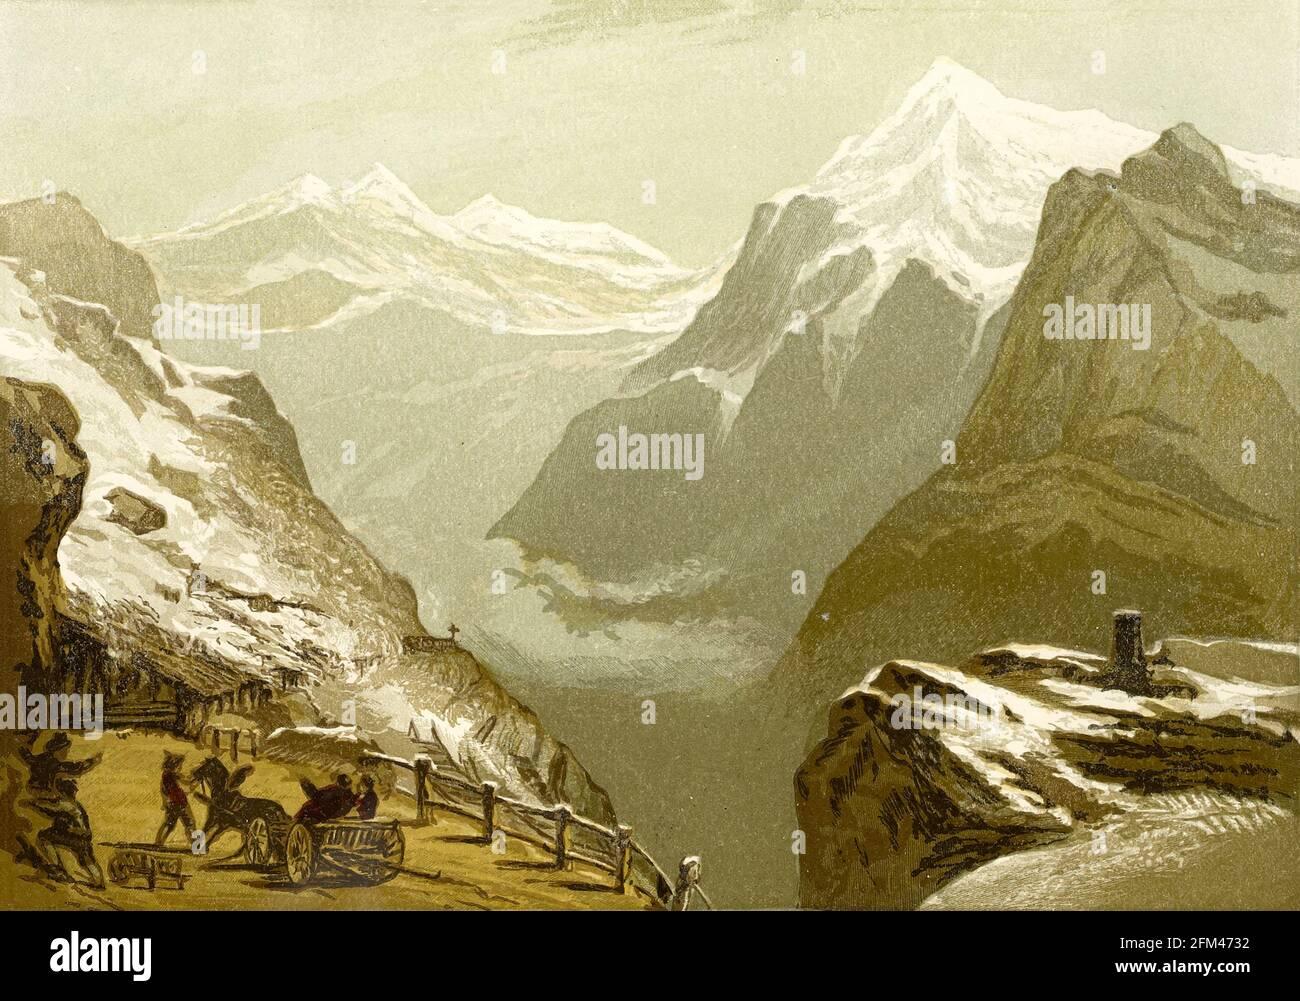 El Stelvio (en italiano: Passo dello Stelvio) es un paso de montaña en el norte de Italia que limita con Suiza a una altura de 2.757 m (9.045 pies) sobre el nivel del mar. Es el paso de montaña pavimentado más alto de los Alpes orientales, Y el segundo más alto de los Alpes]. Del libro La teoría y la práctica de la pintura del paisaje en agua-colores ilustrados por una serie de veintiséis dibujos y diagramas en colores y numerosos cortes de madera por Barnard, George, 1807-1890 Publicado en 1885 por George Routledge e Hijos Londres Foto de stock